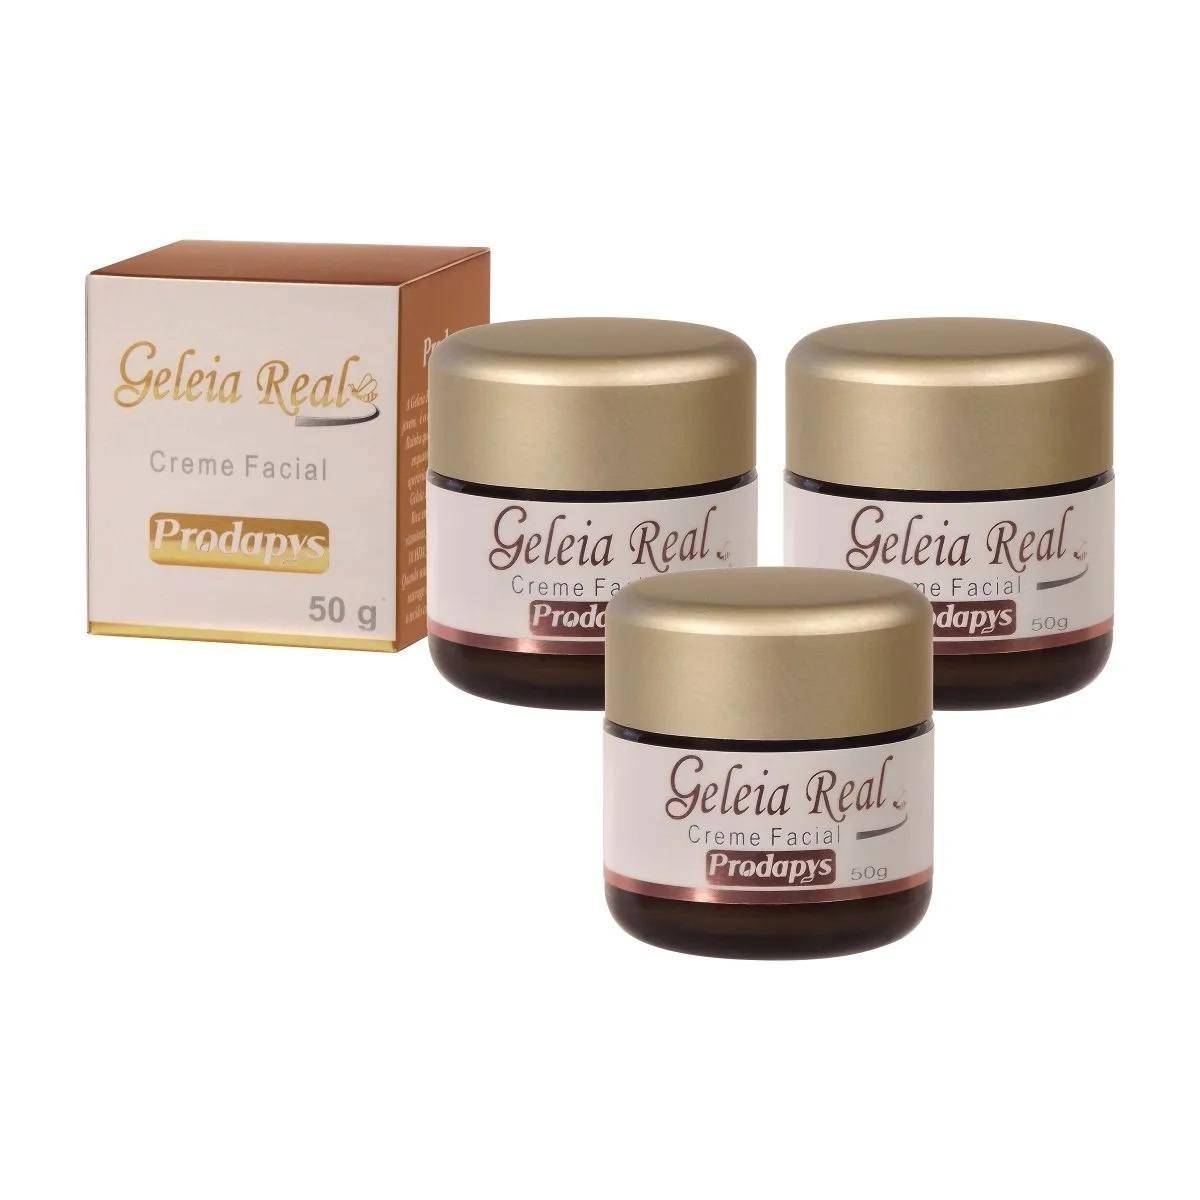 Geleia Real Creme Facial 50g Prodapys Original Kit com 3 Unidades